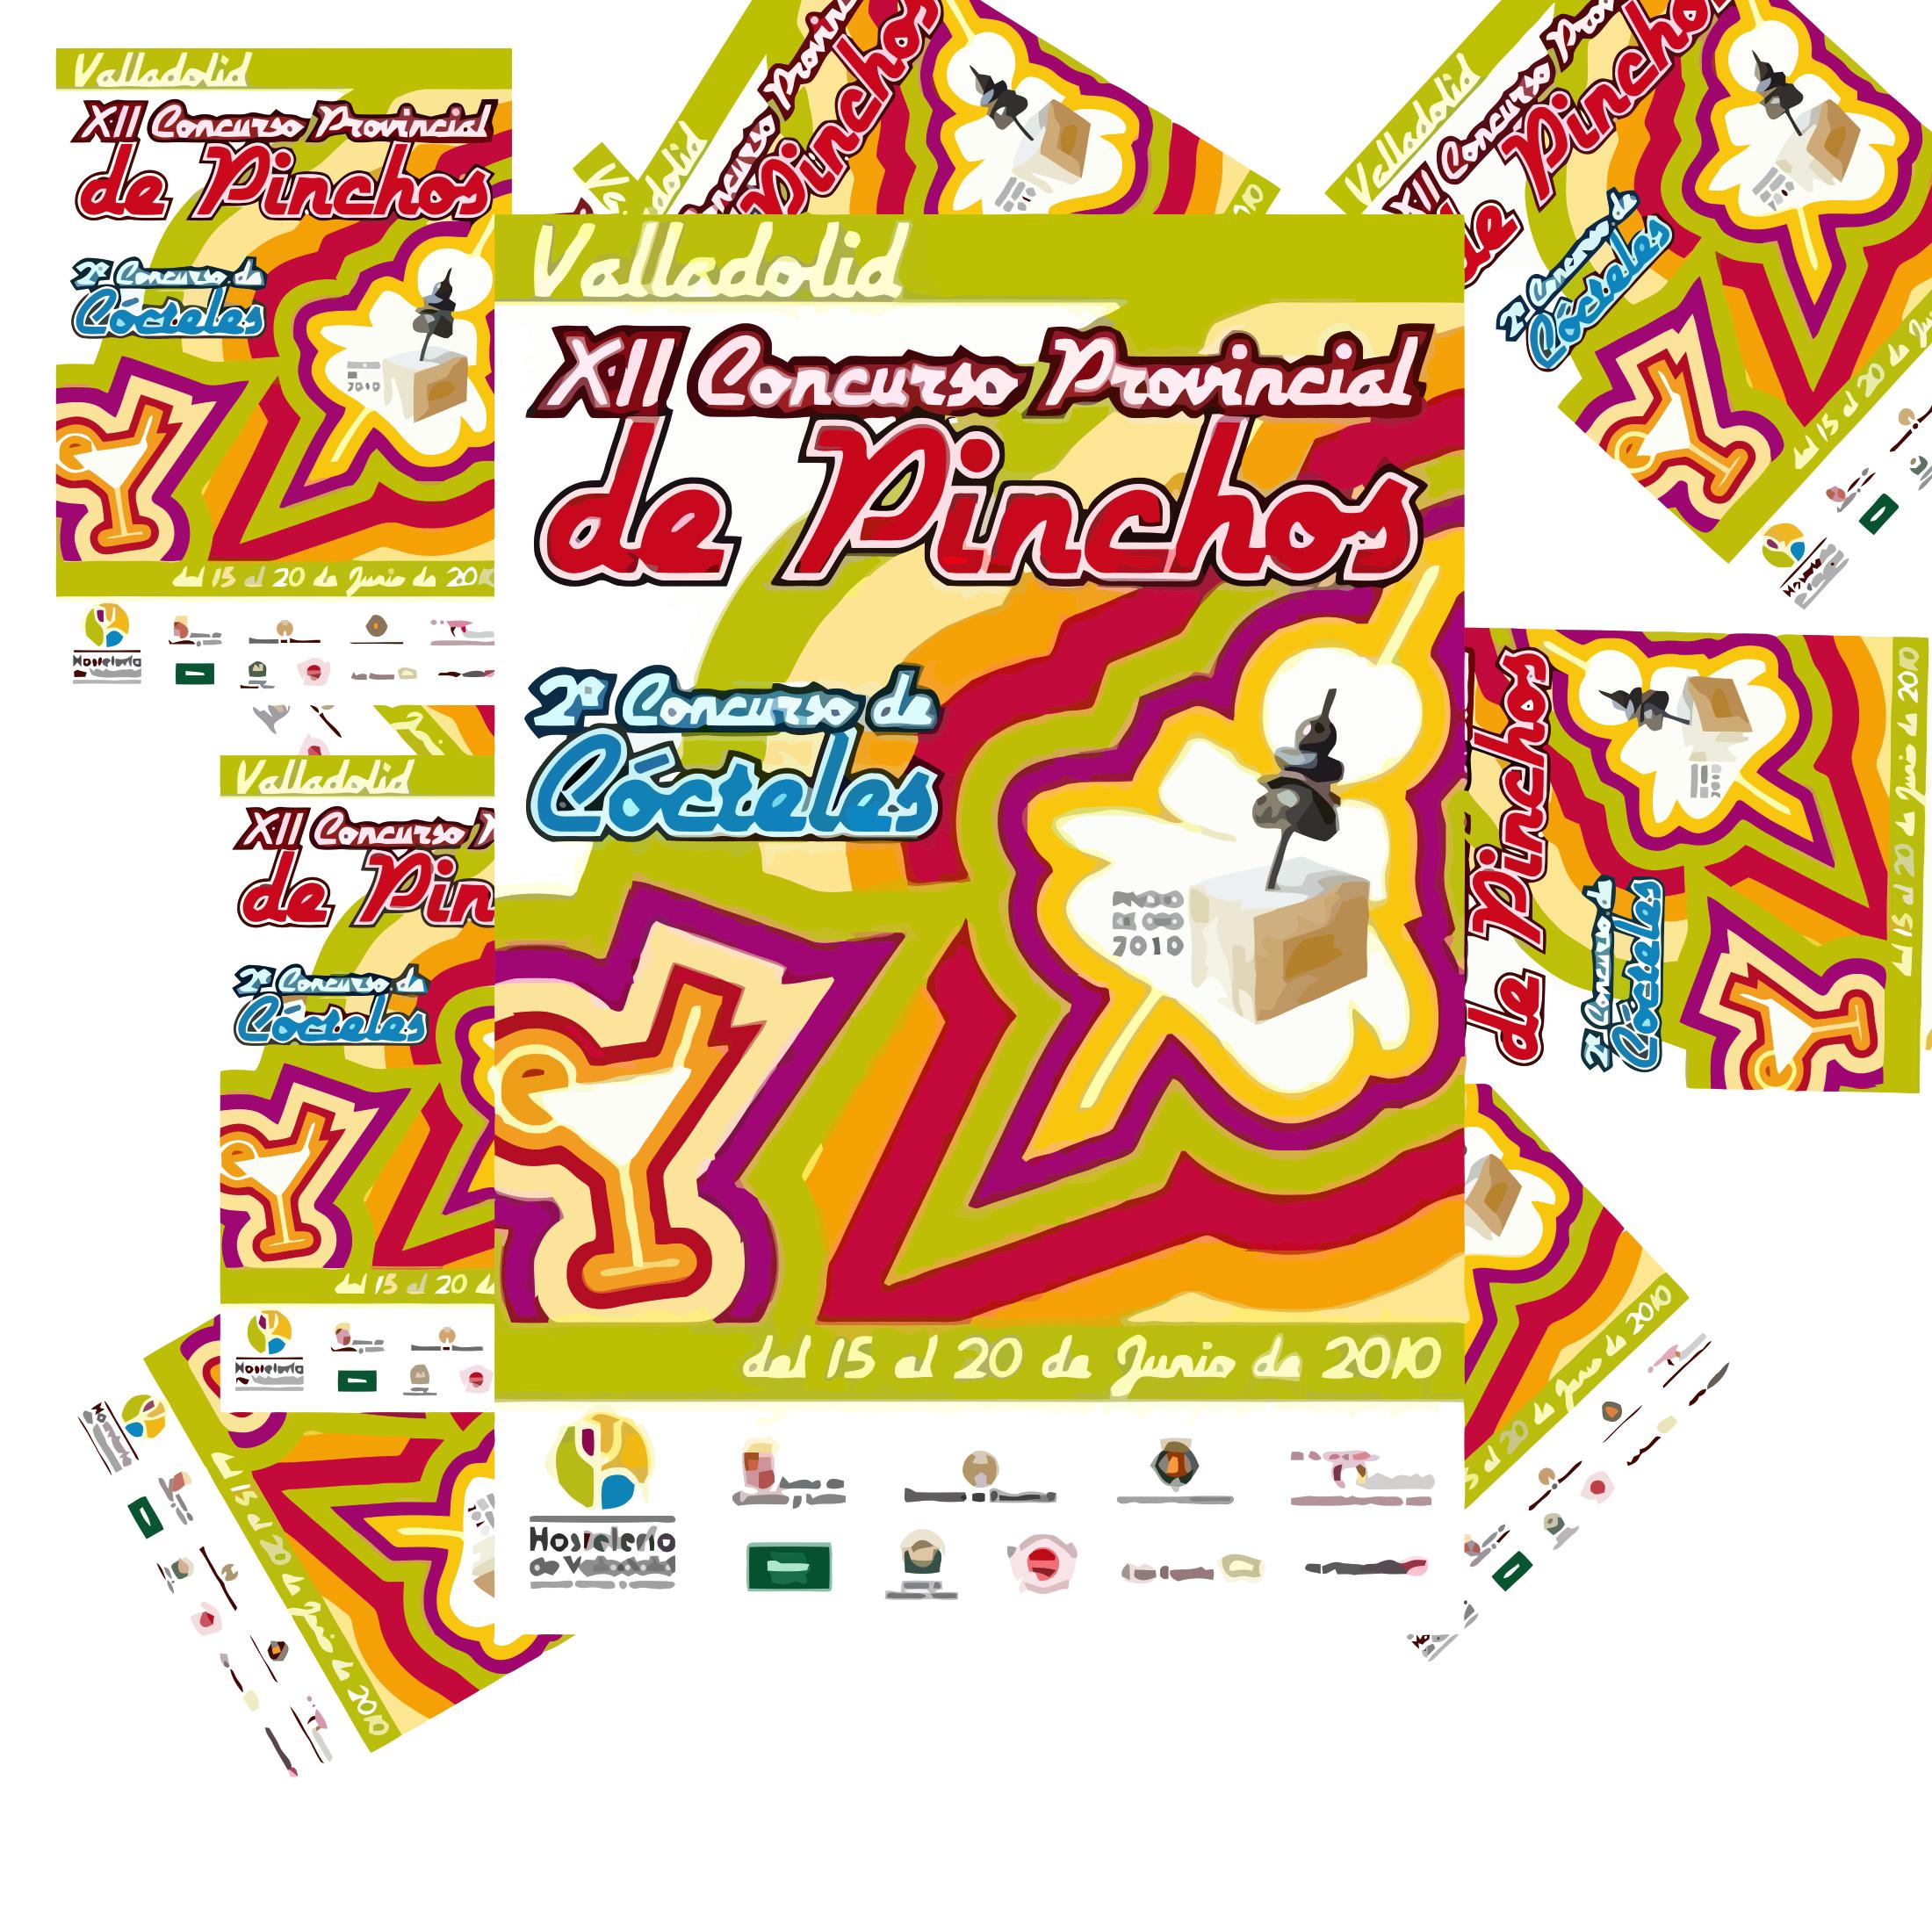 XII Concurso Provincial de Pinchos de Valladolid